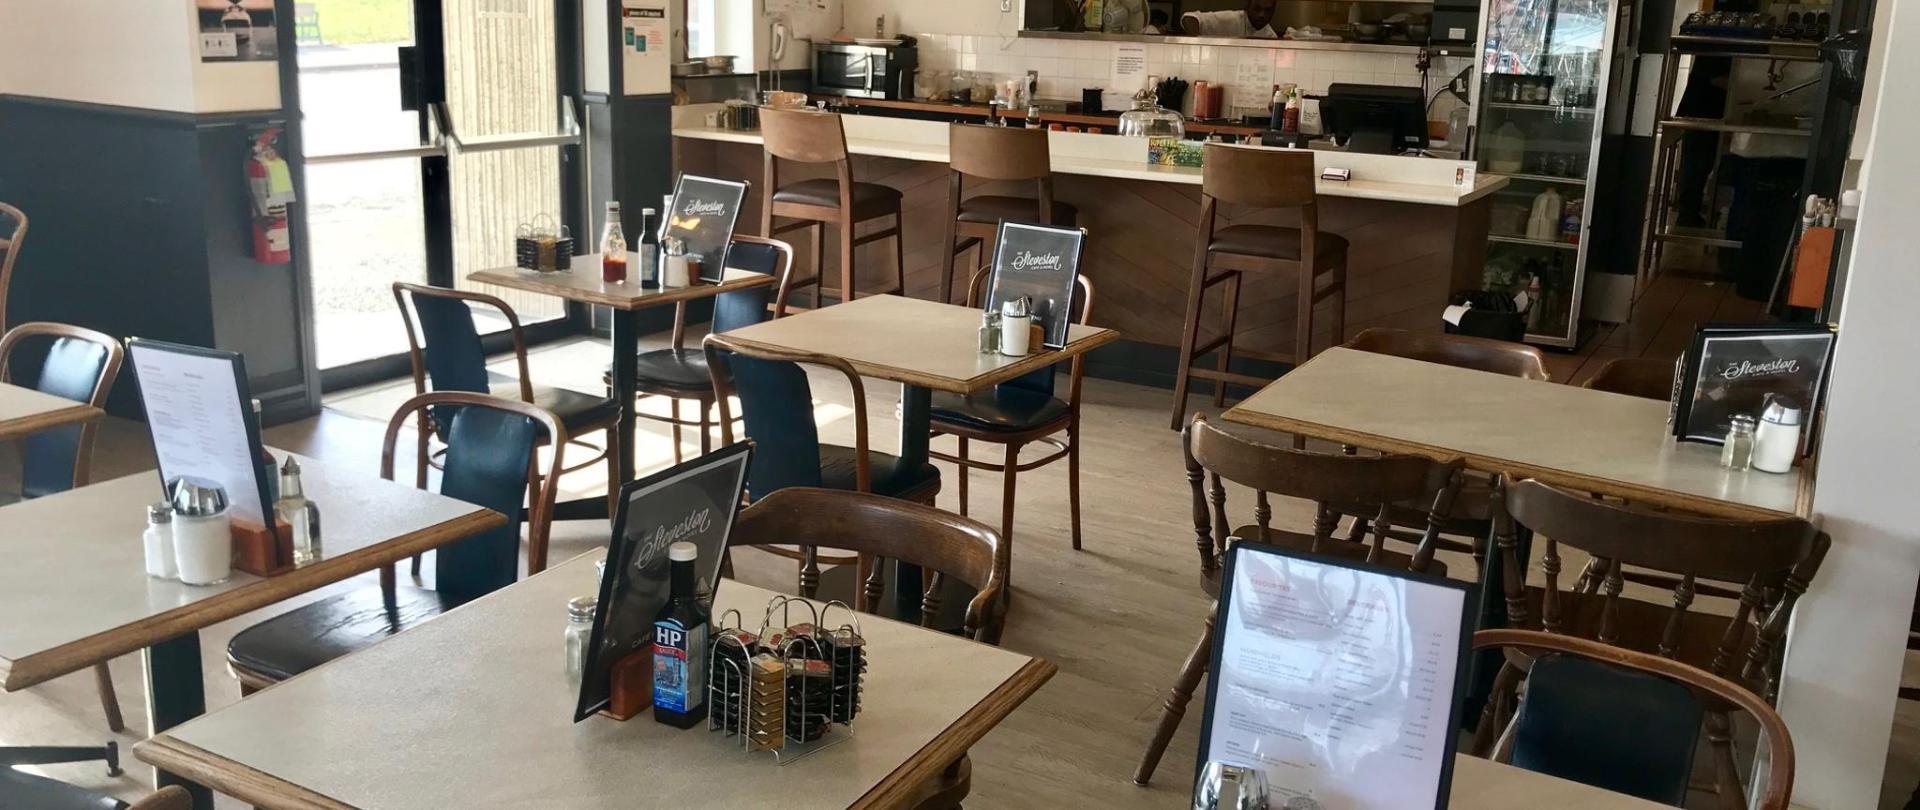 Steveston Cafe.jpg